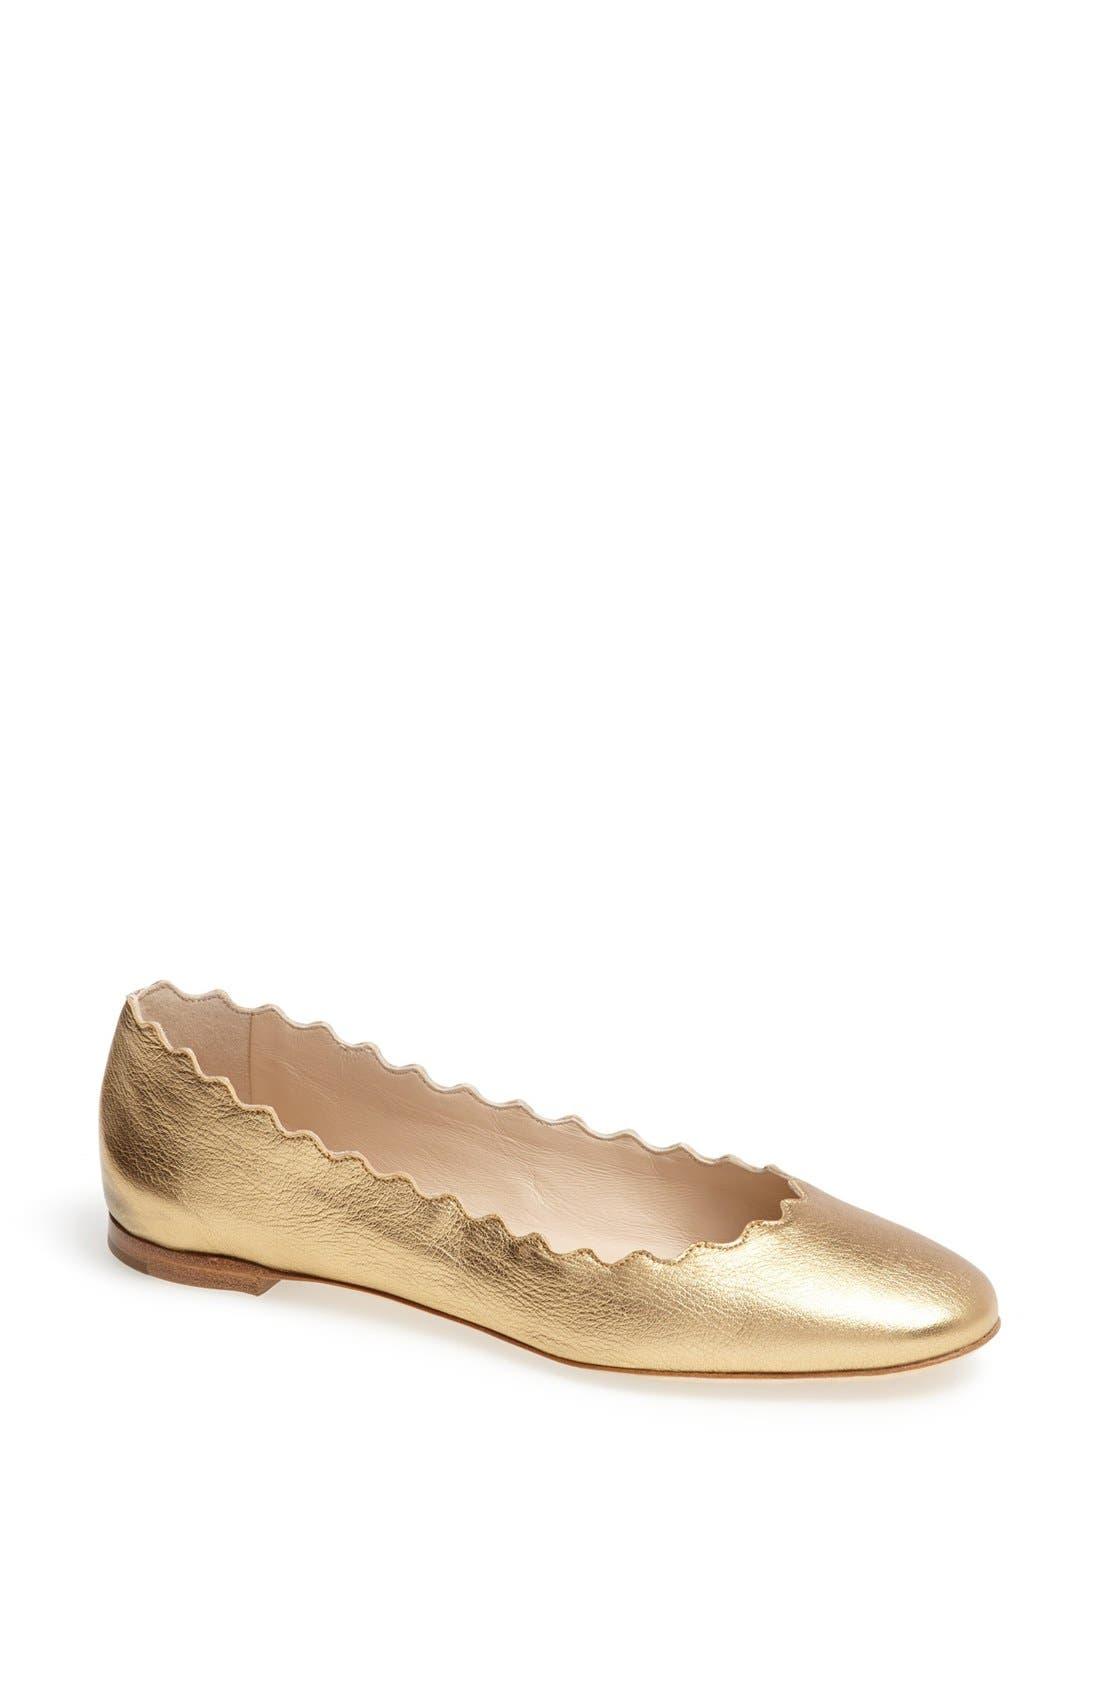 Alternate Image 1 Selected - Chloé 'Lauren' Scalloped Ballet Flat (Women)